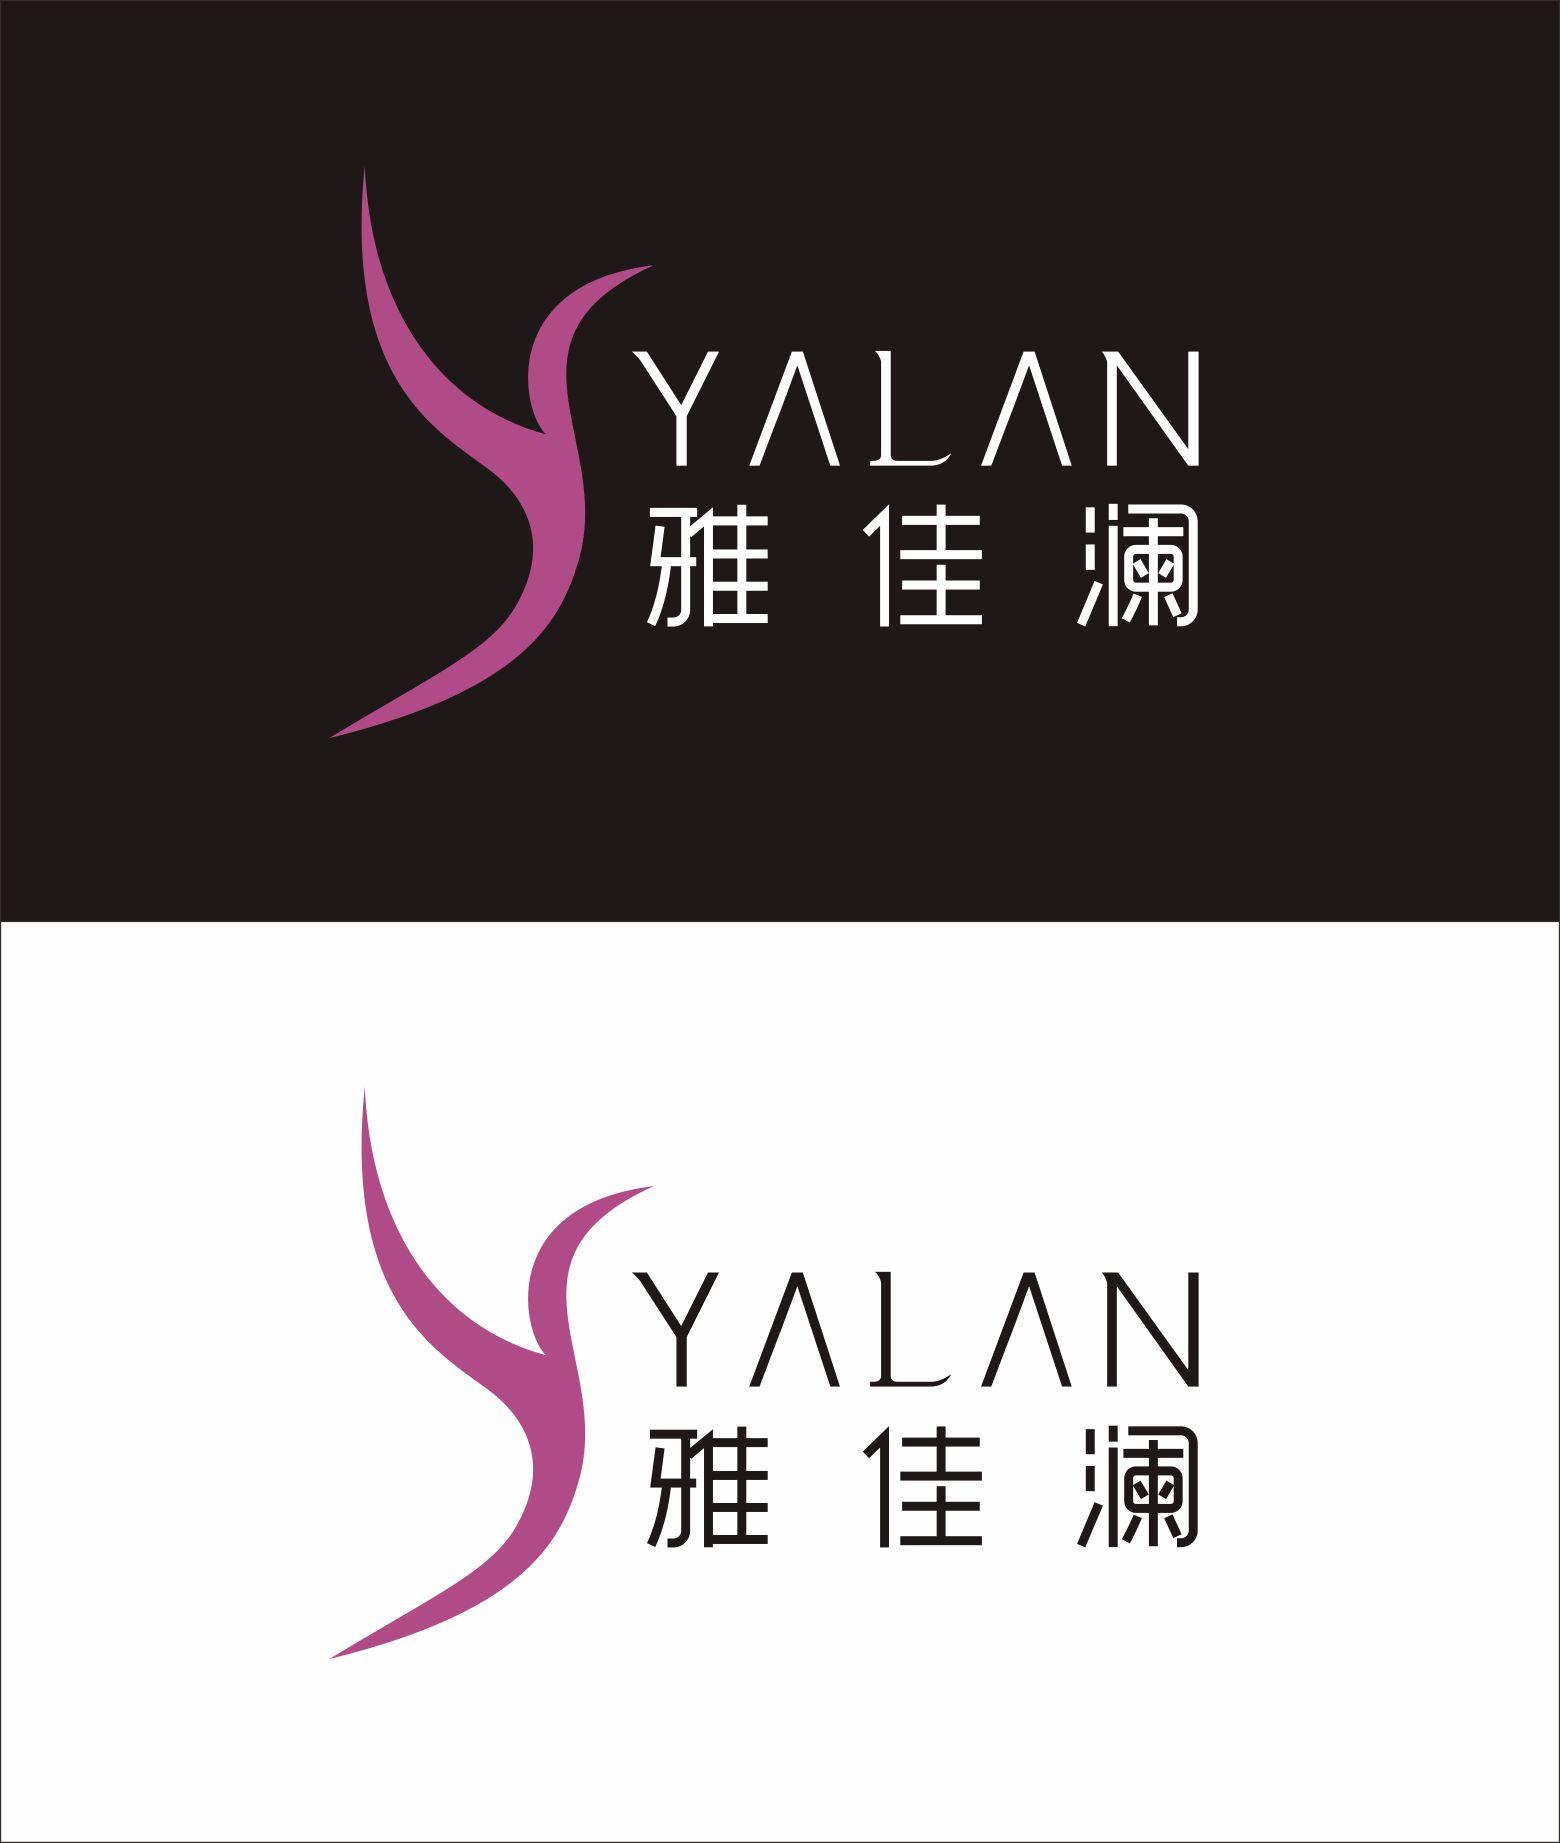 淘宝女装店标制作_淘宝雅嘉澜时尚服装店店标logo设计